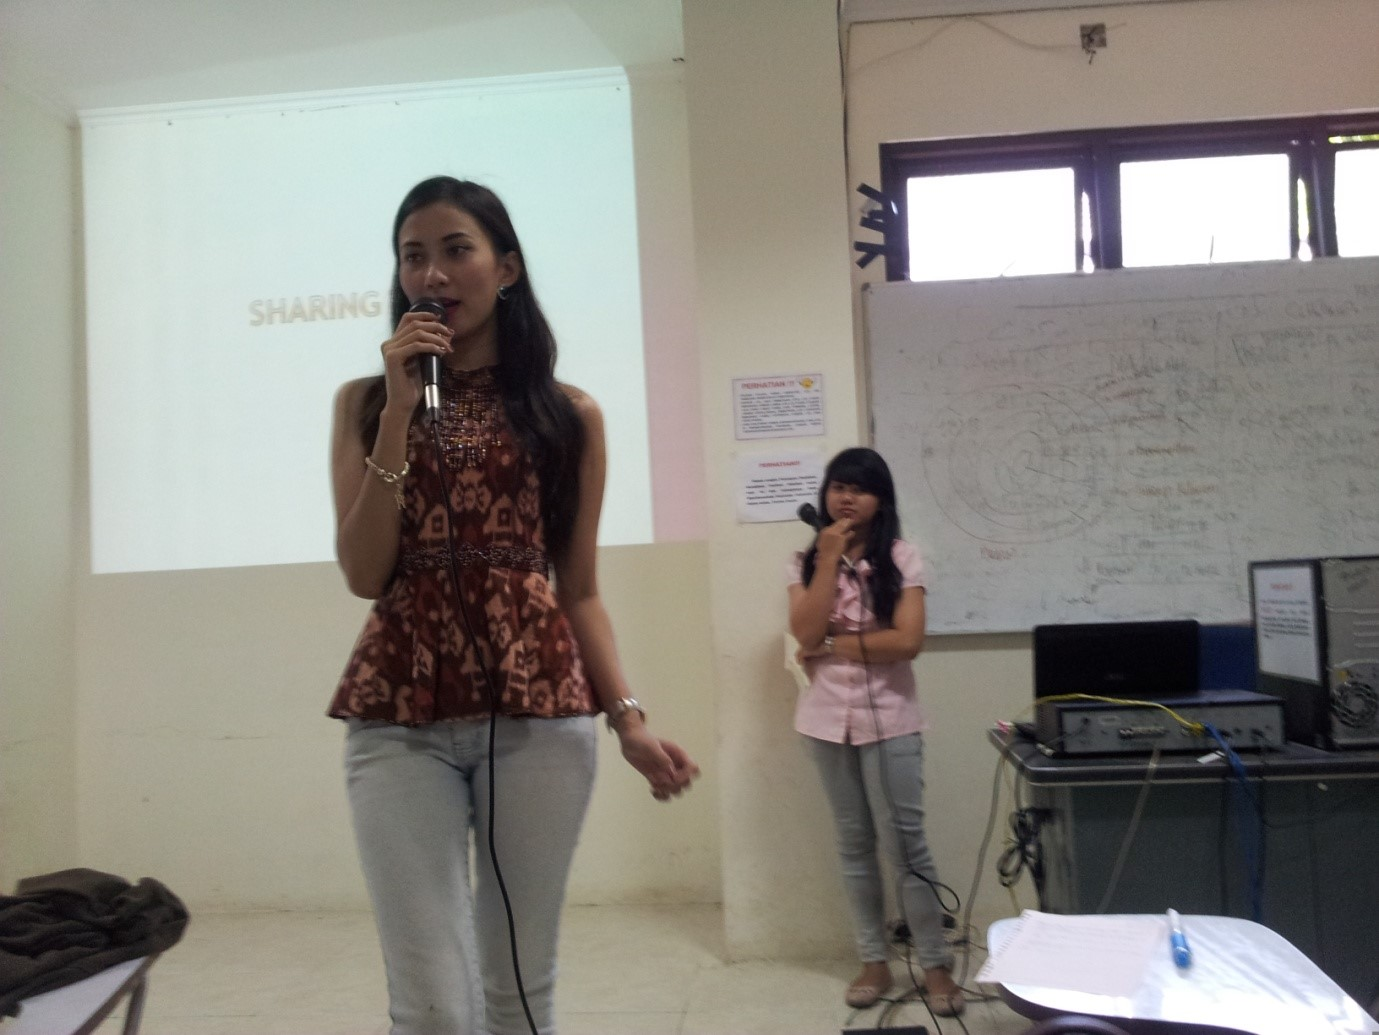 Finalis Puteri Indonesia 2014, Rakhmi Wijiharti sedang menjawab pertanyaan pada sesi sharing time dalam acara Public Speaking and Conversation Class di Ruang D 201-1 Fakultas Kesehatan Masyarakat (FKM) Universitas Diponegoro, Sabtu (29/3). (Haqqi/Manunggal)